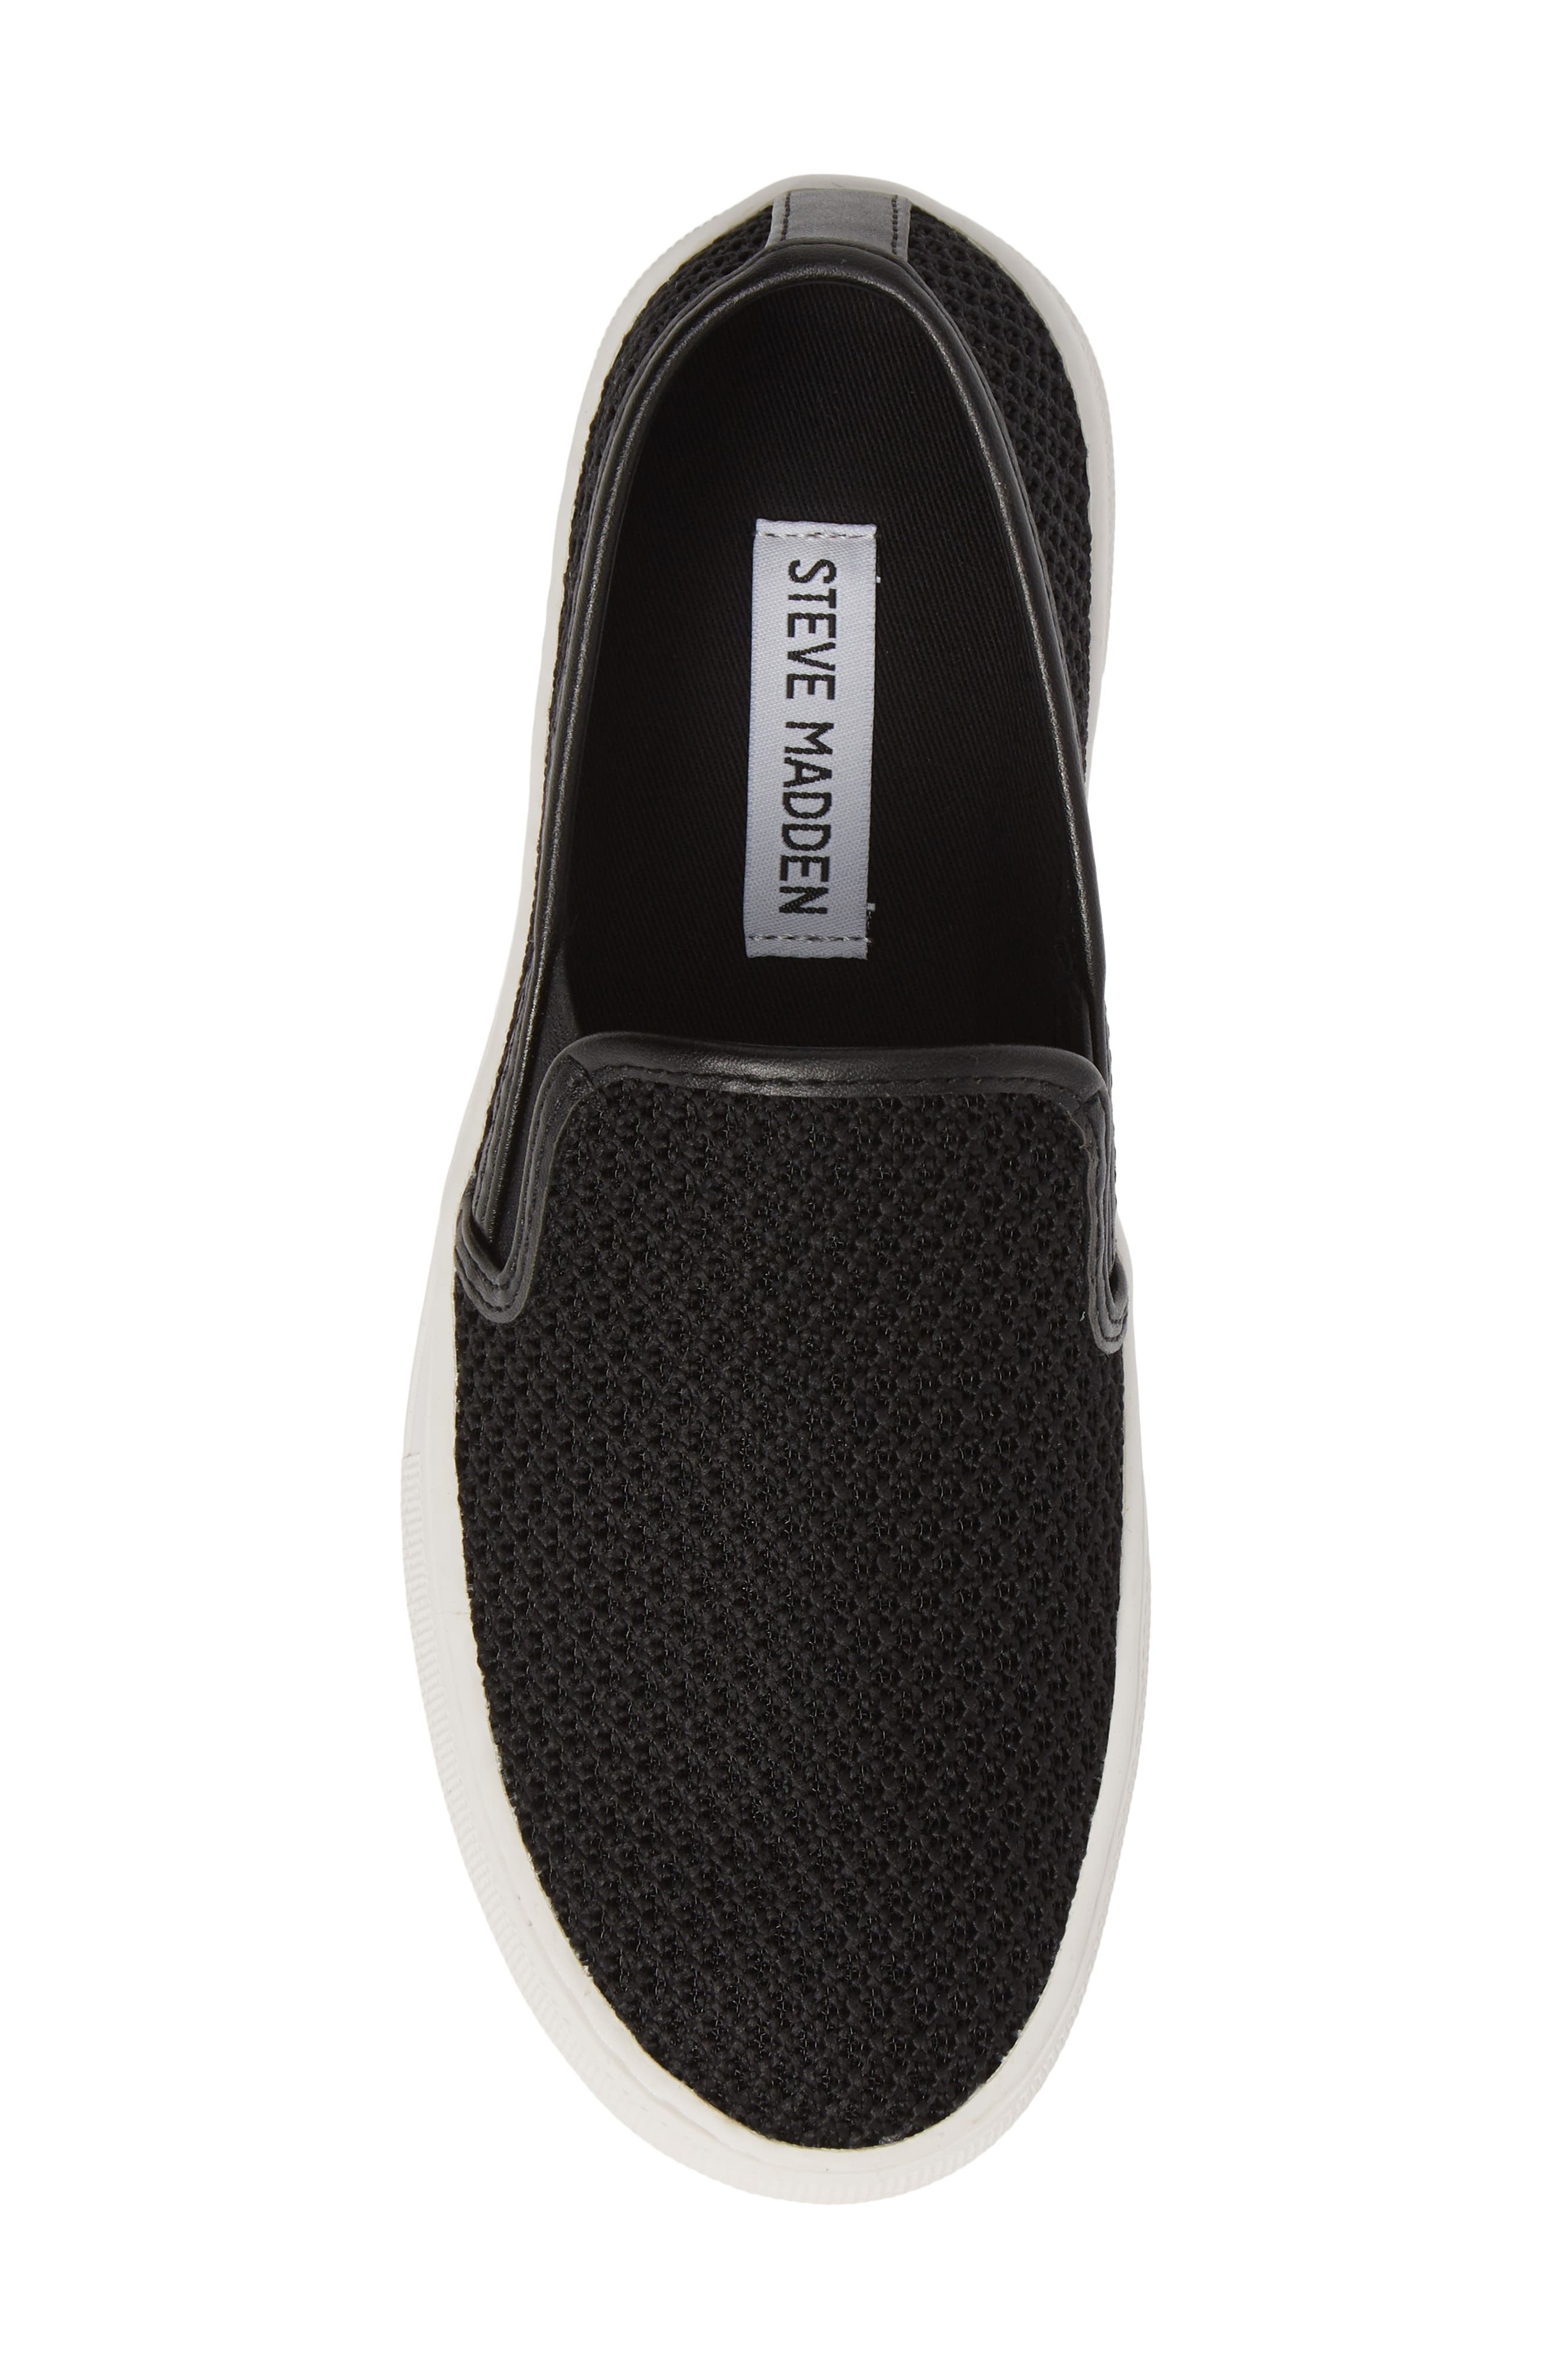 STEVE MADDEN, Gills-M Mesh Slip-On Sneaker, Alternate thumbnail 5, color, BLACK